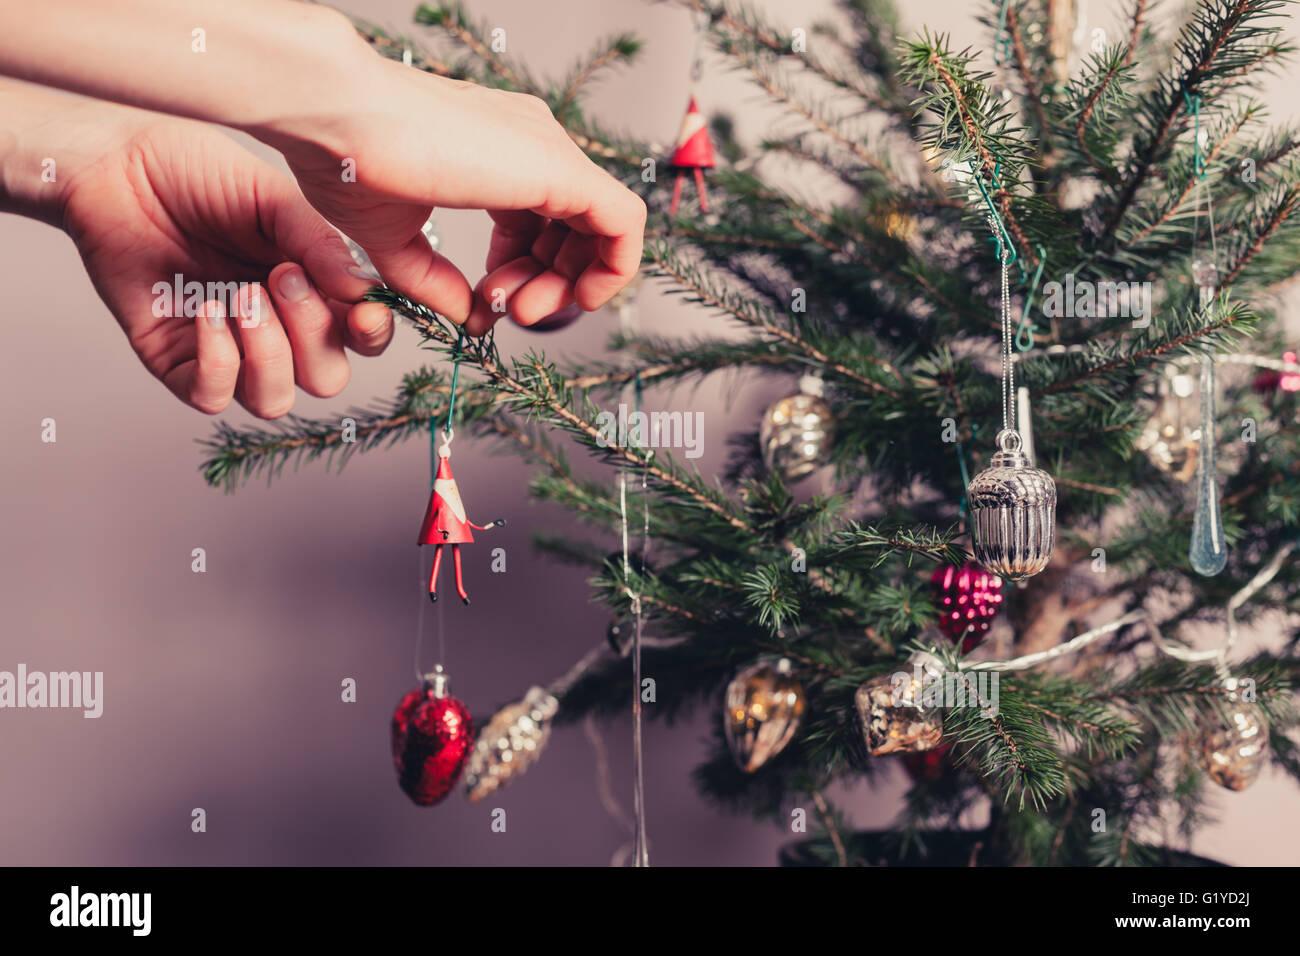 Manos Decorar un árbol de navidad con todo tipo de coloridos cosas Imagen De Stock